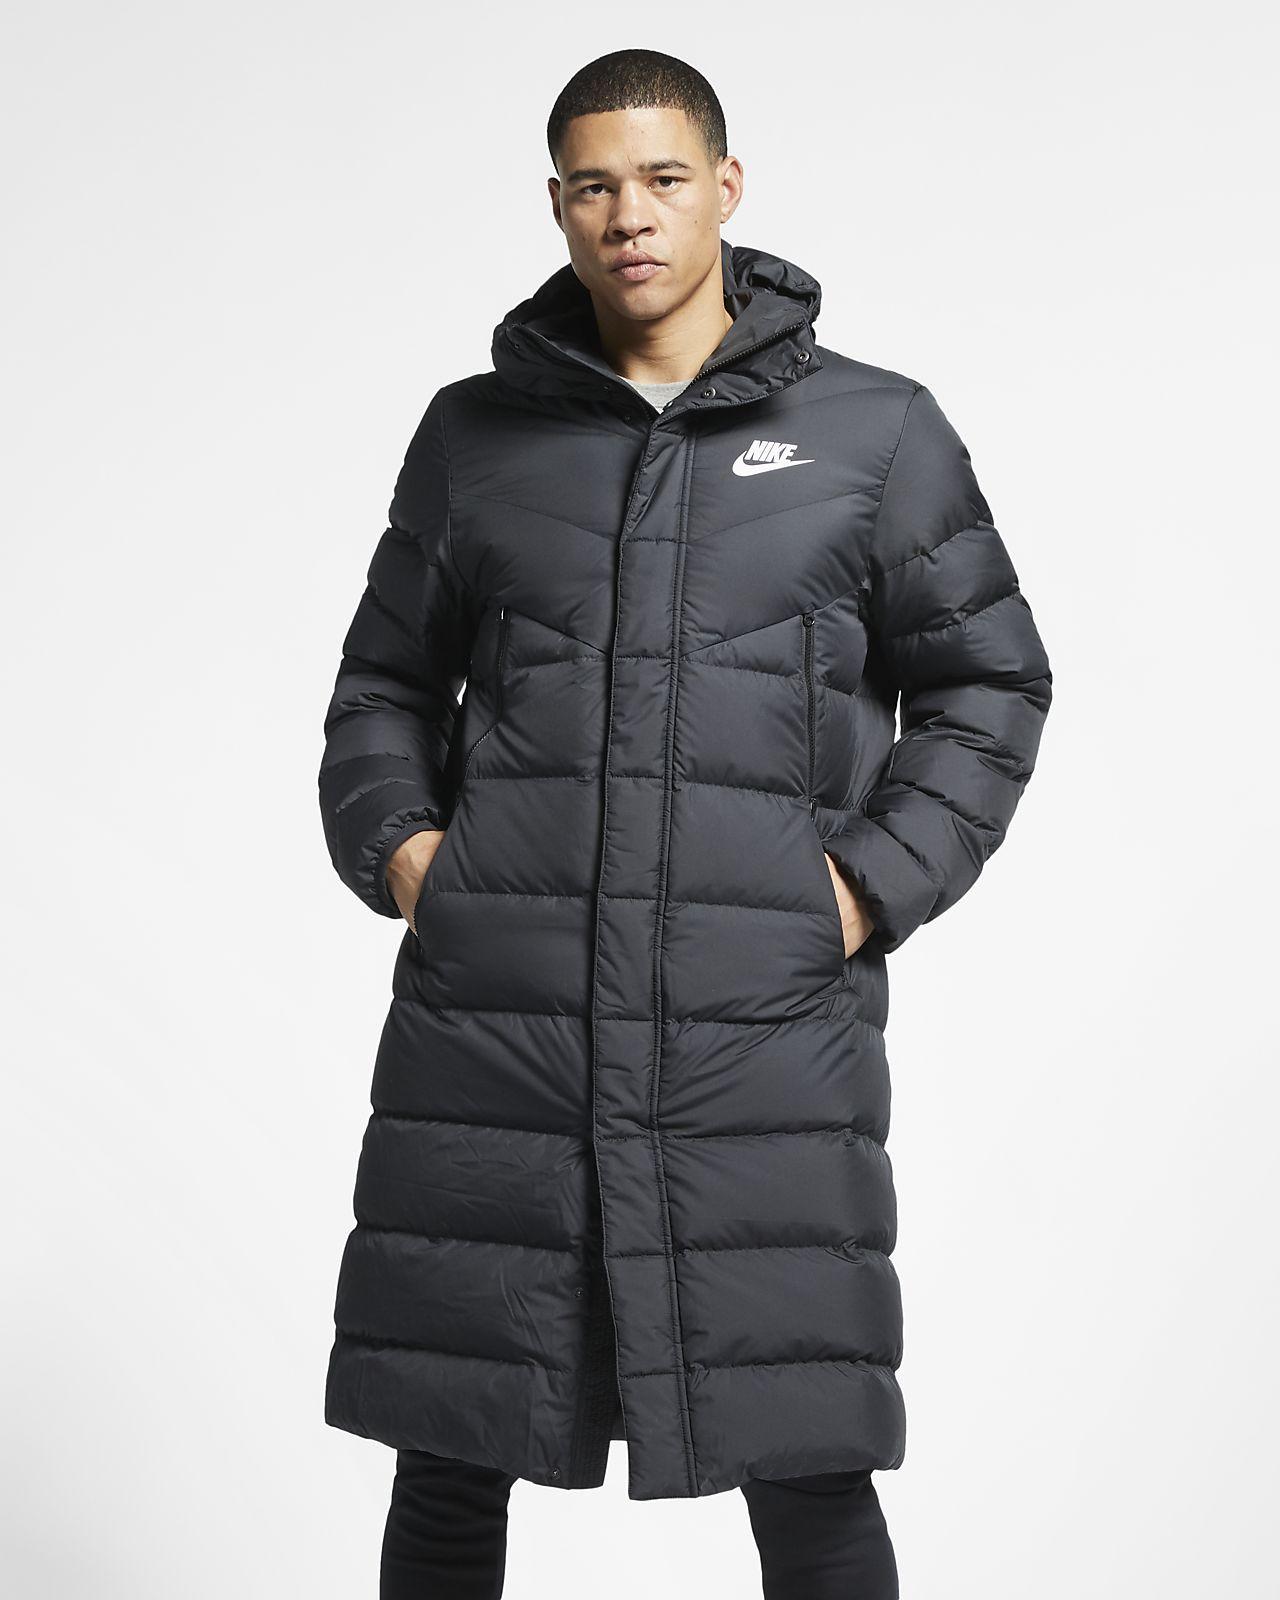 entrega a domicilio Juguetón Amasar  Parka con capucha para hombre con relleno de plumón Nike Sportswear  Windrunner. Nike CL | Ropa de hombre, Chaqueta hombre, Chaquetas parka